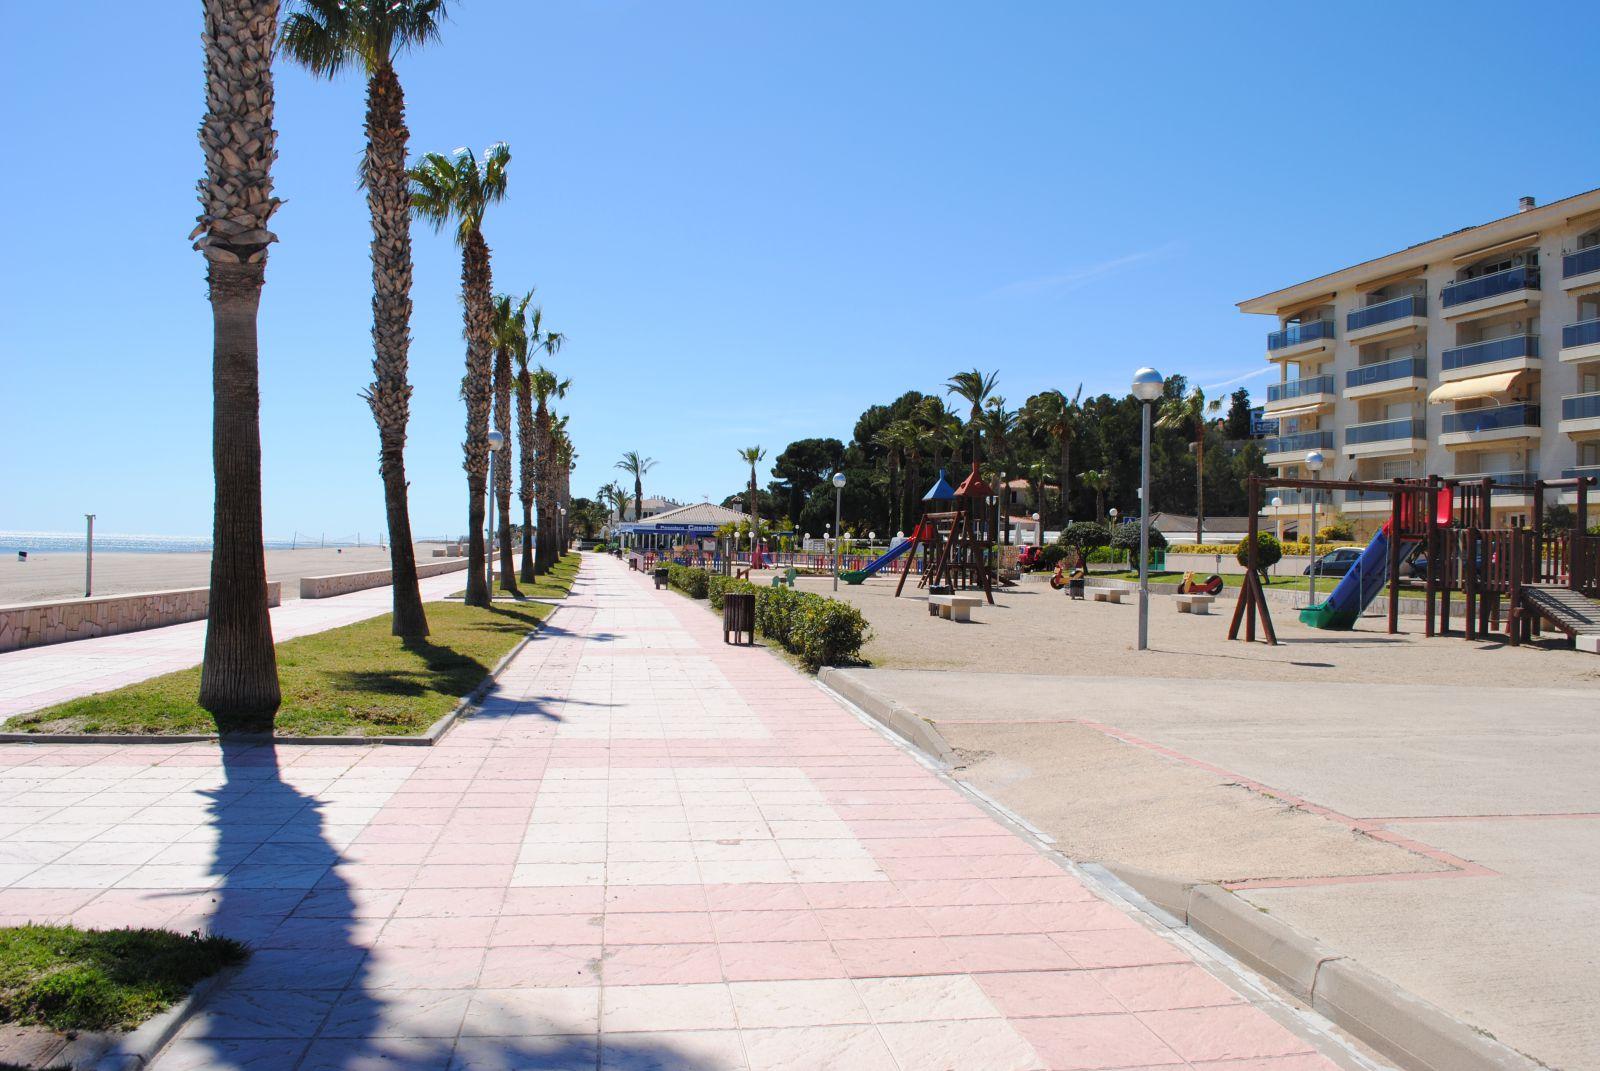 Playa Cristall